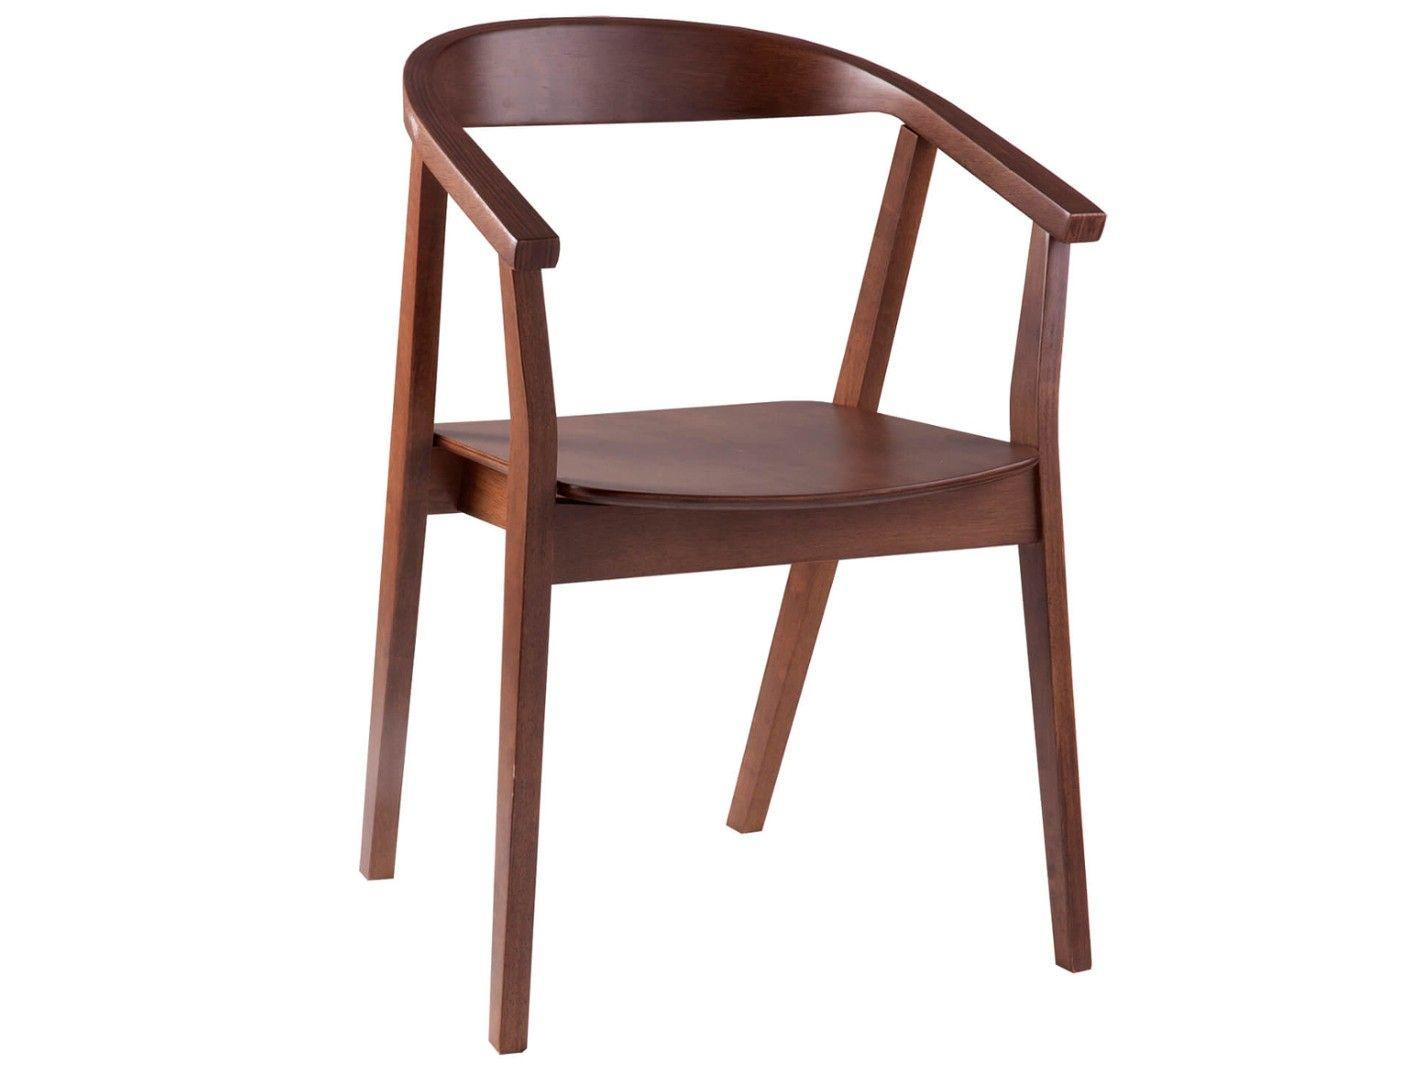 Muebles de cajones chifonier cajones x mts mueble estanteria biblioteca de hierro y madera con - Muebles auxiliares merkamueble ...